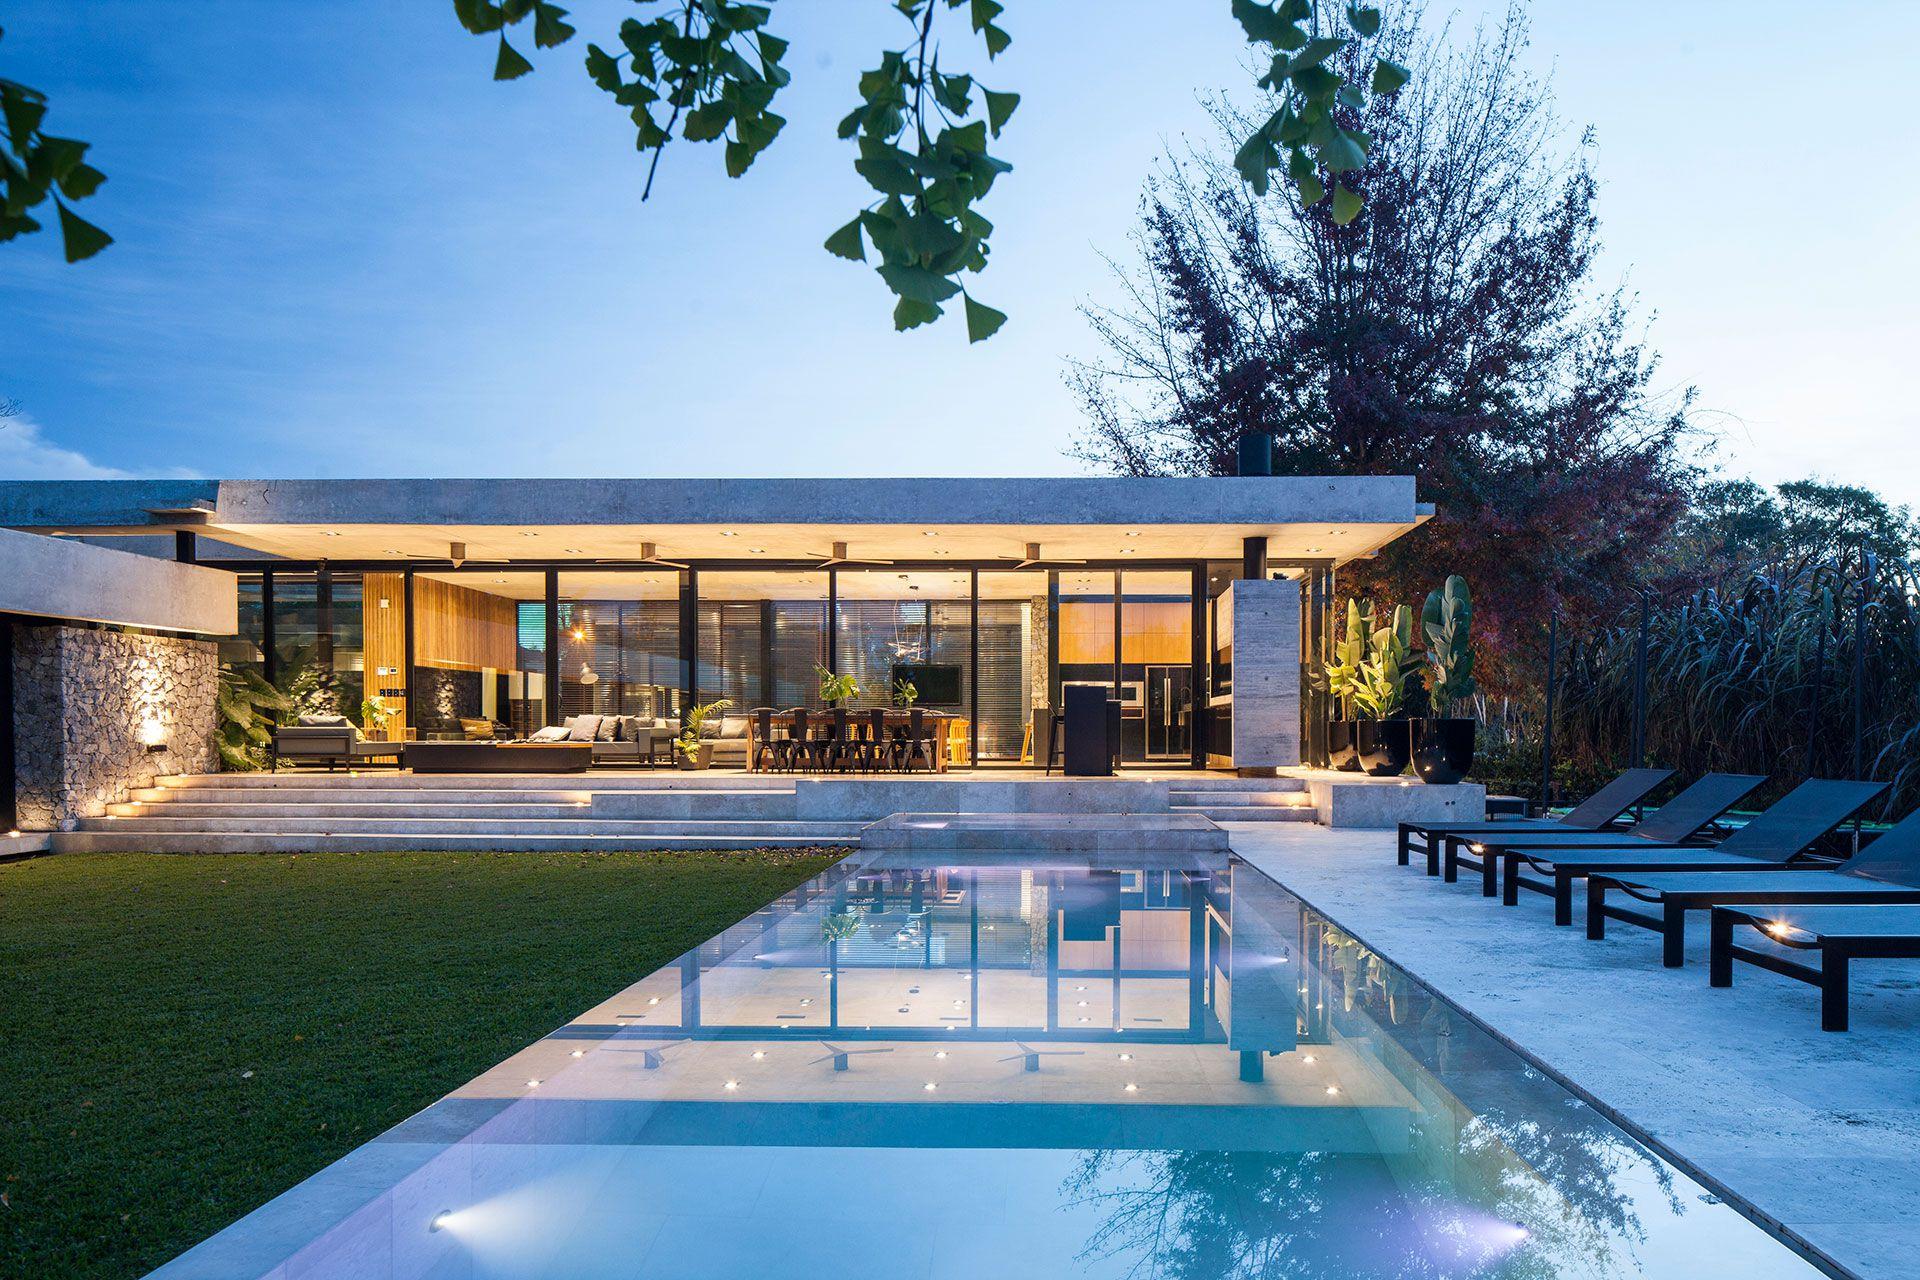 """La arquitecta Jorgelina Tortorici explicó: """"Antes, la piscina era un elemento aislado, sin demasiado conexión con las decisiones de arquitectura. Se realizaba un proyecto de vivienda, y luego se adicionaba una piscina. Actualmente, se considera dentro de los requerimientos iniciales de una obra"""" (Foto: Alejandro Peral)"""